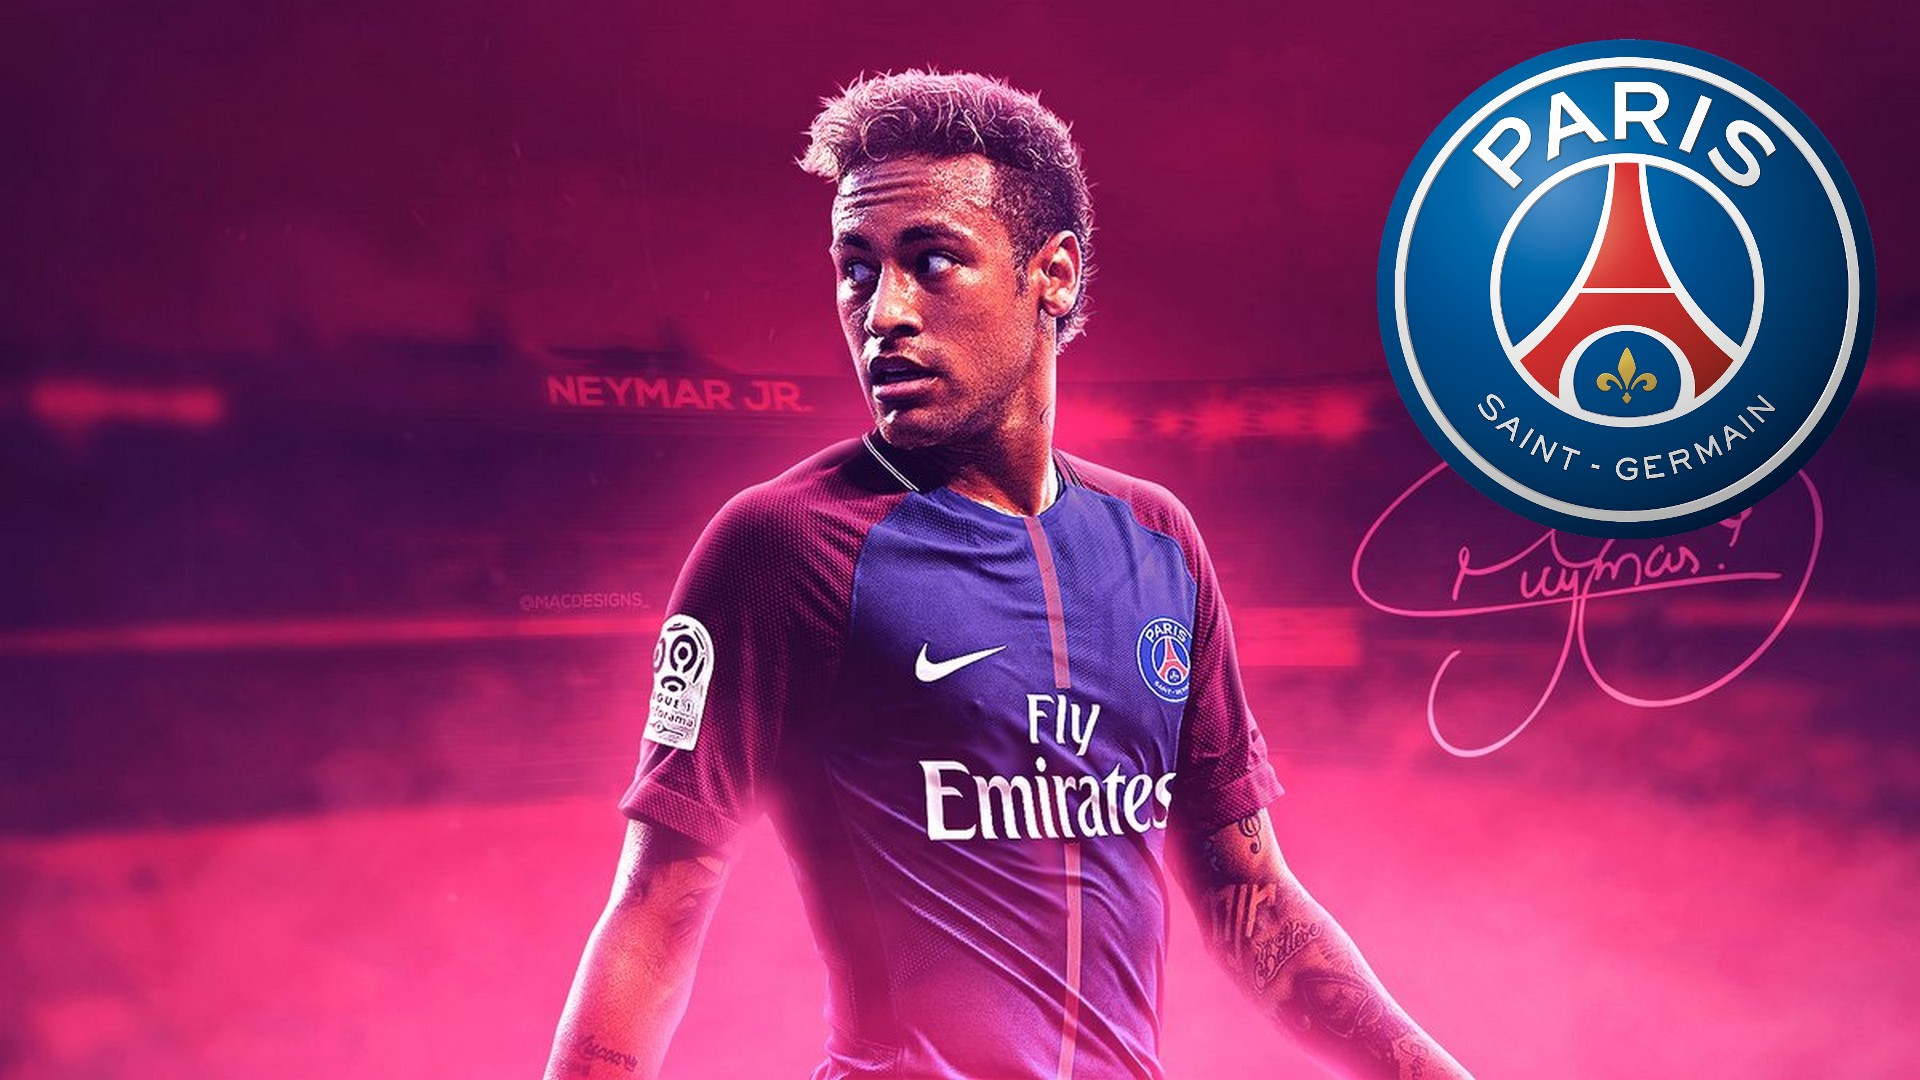 neymar psg wallpaper 2021 football